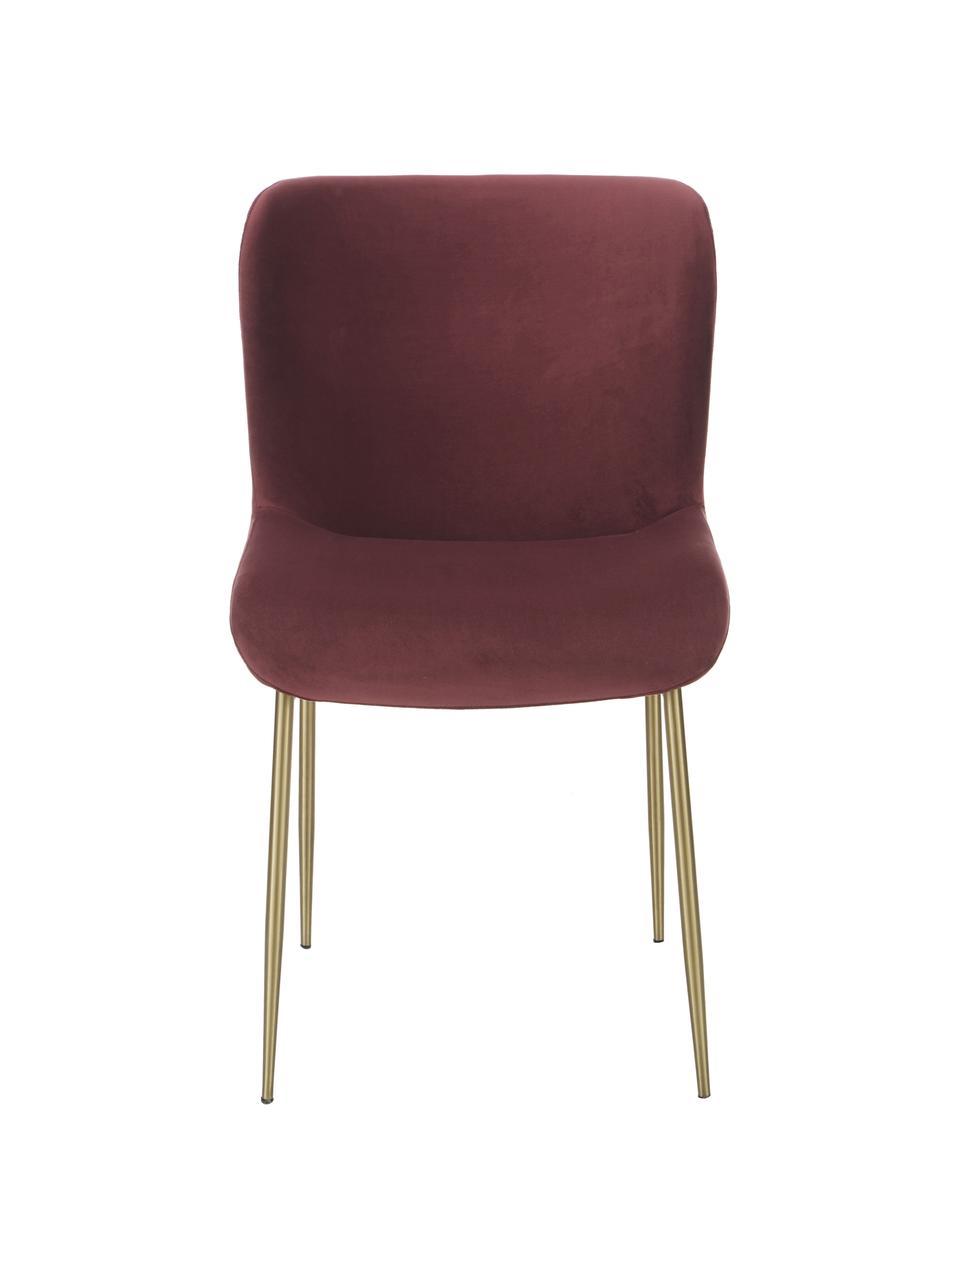 Krzesło tapicerowane z aksamitu Tess, Tapicerka: aksamit (poliester) Dzięk, Nogi: metal powlekany, Aksamitny bordowy, nogi: złoty, S 49 x G 64 cm